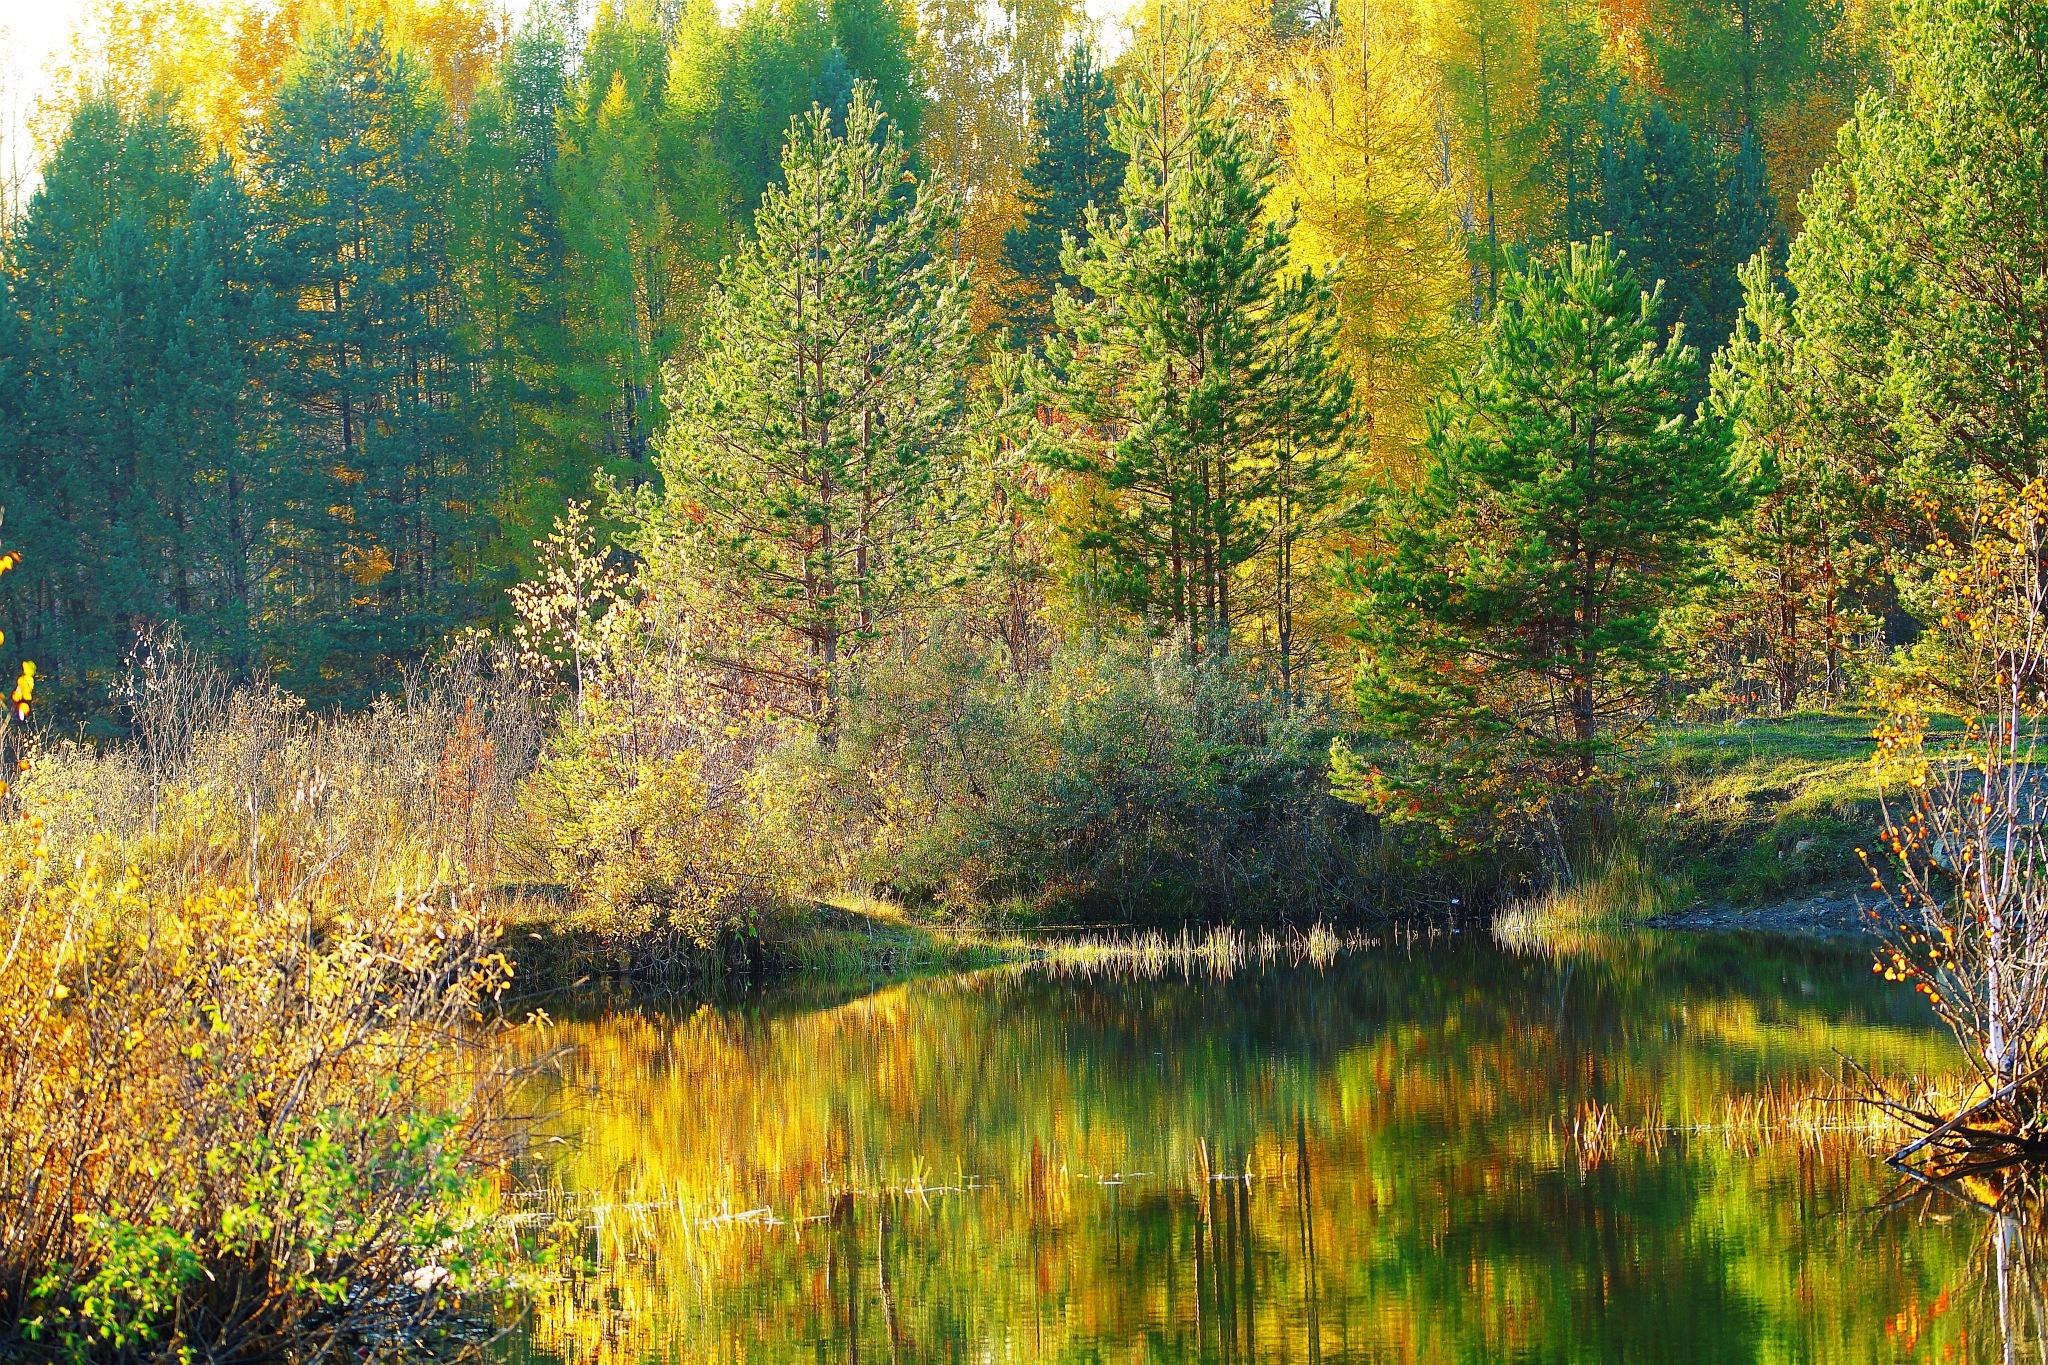 October by sergey.parfeniuk